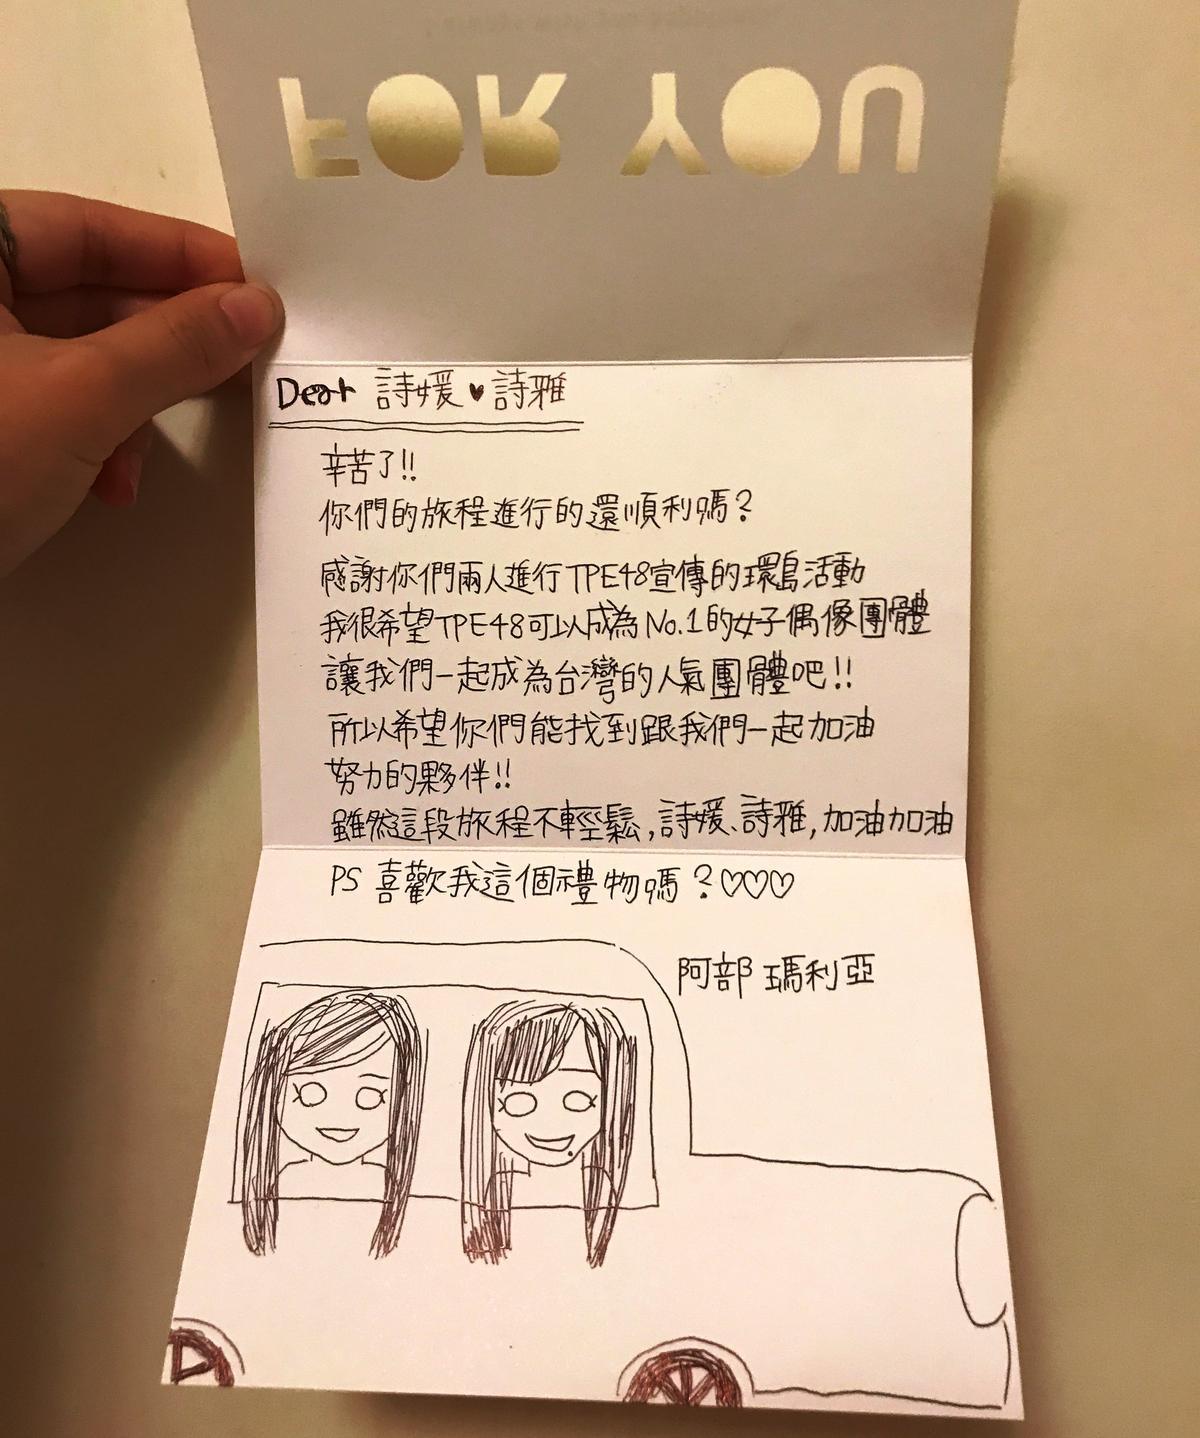 AKB48阿部瑪利亞手寫中文信為她們打氣。